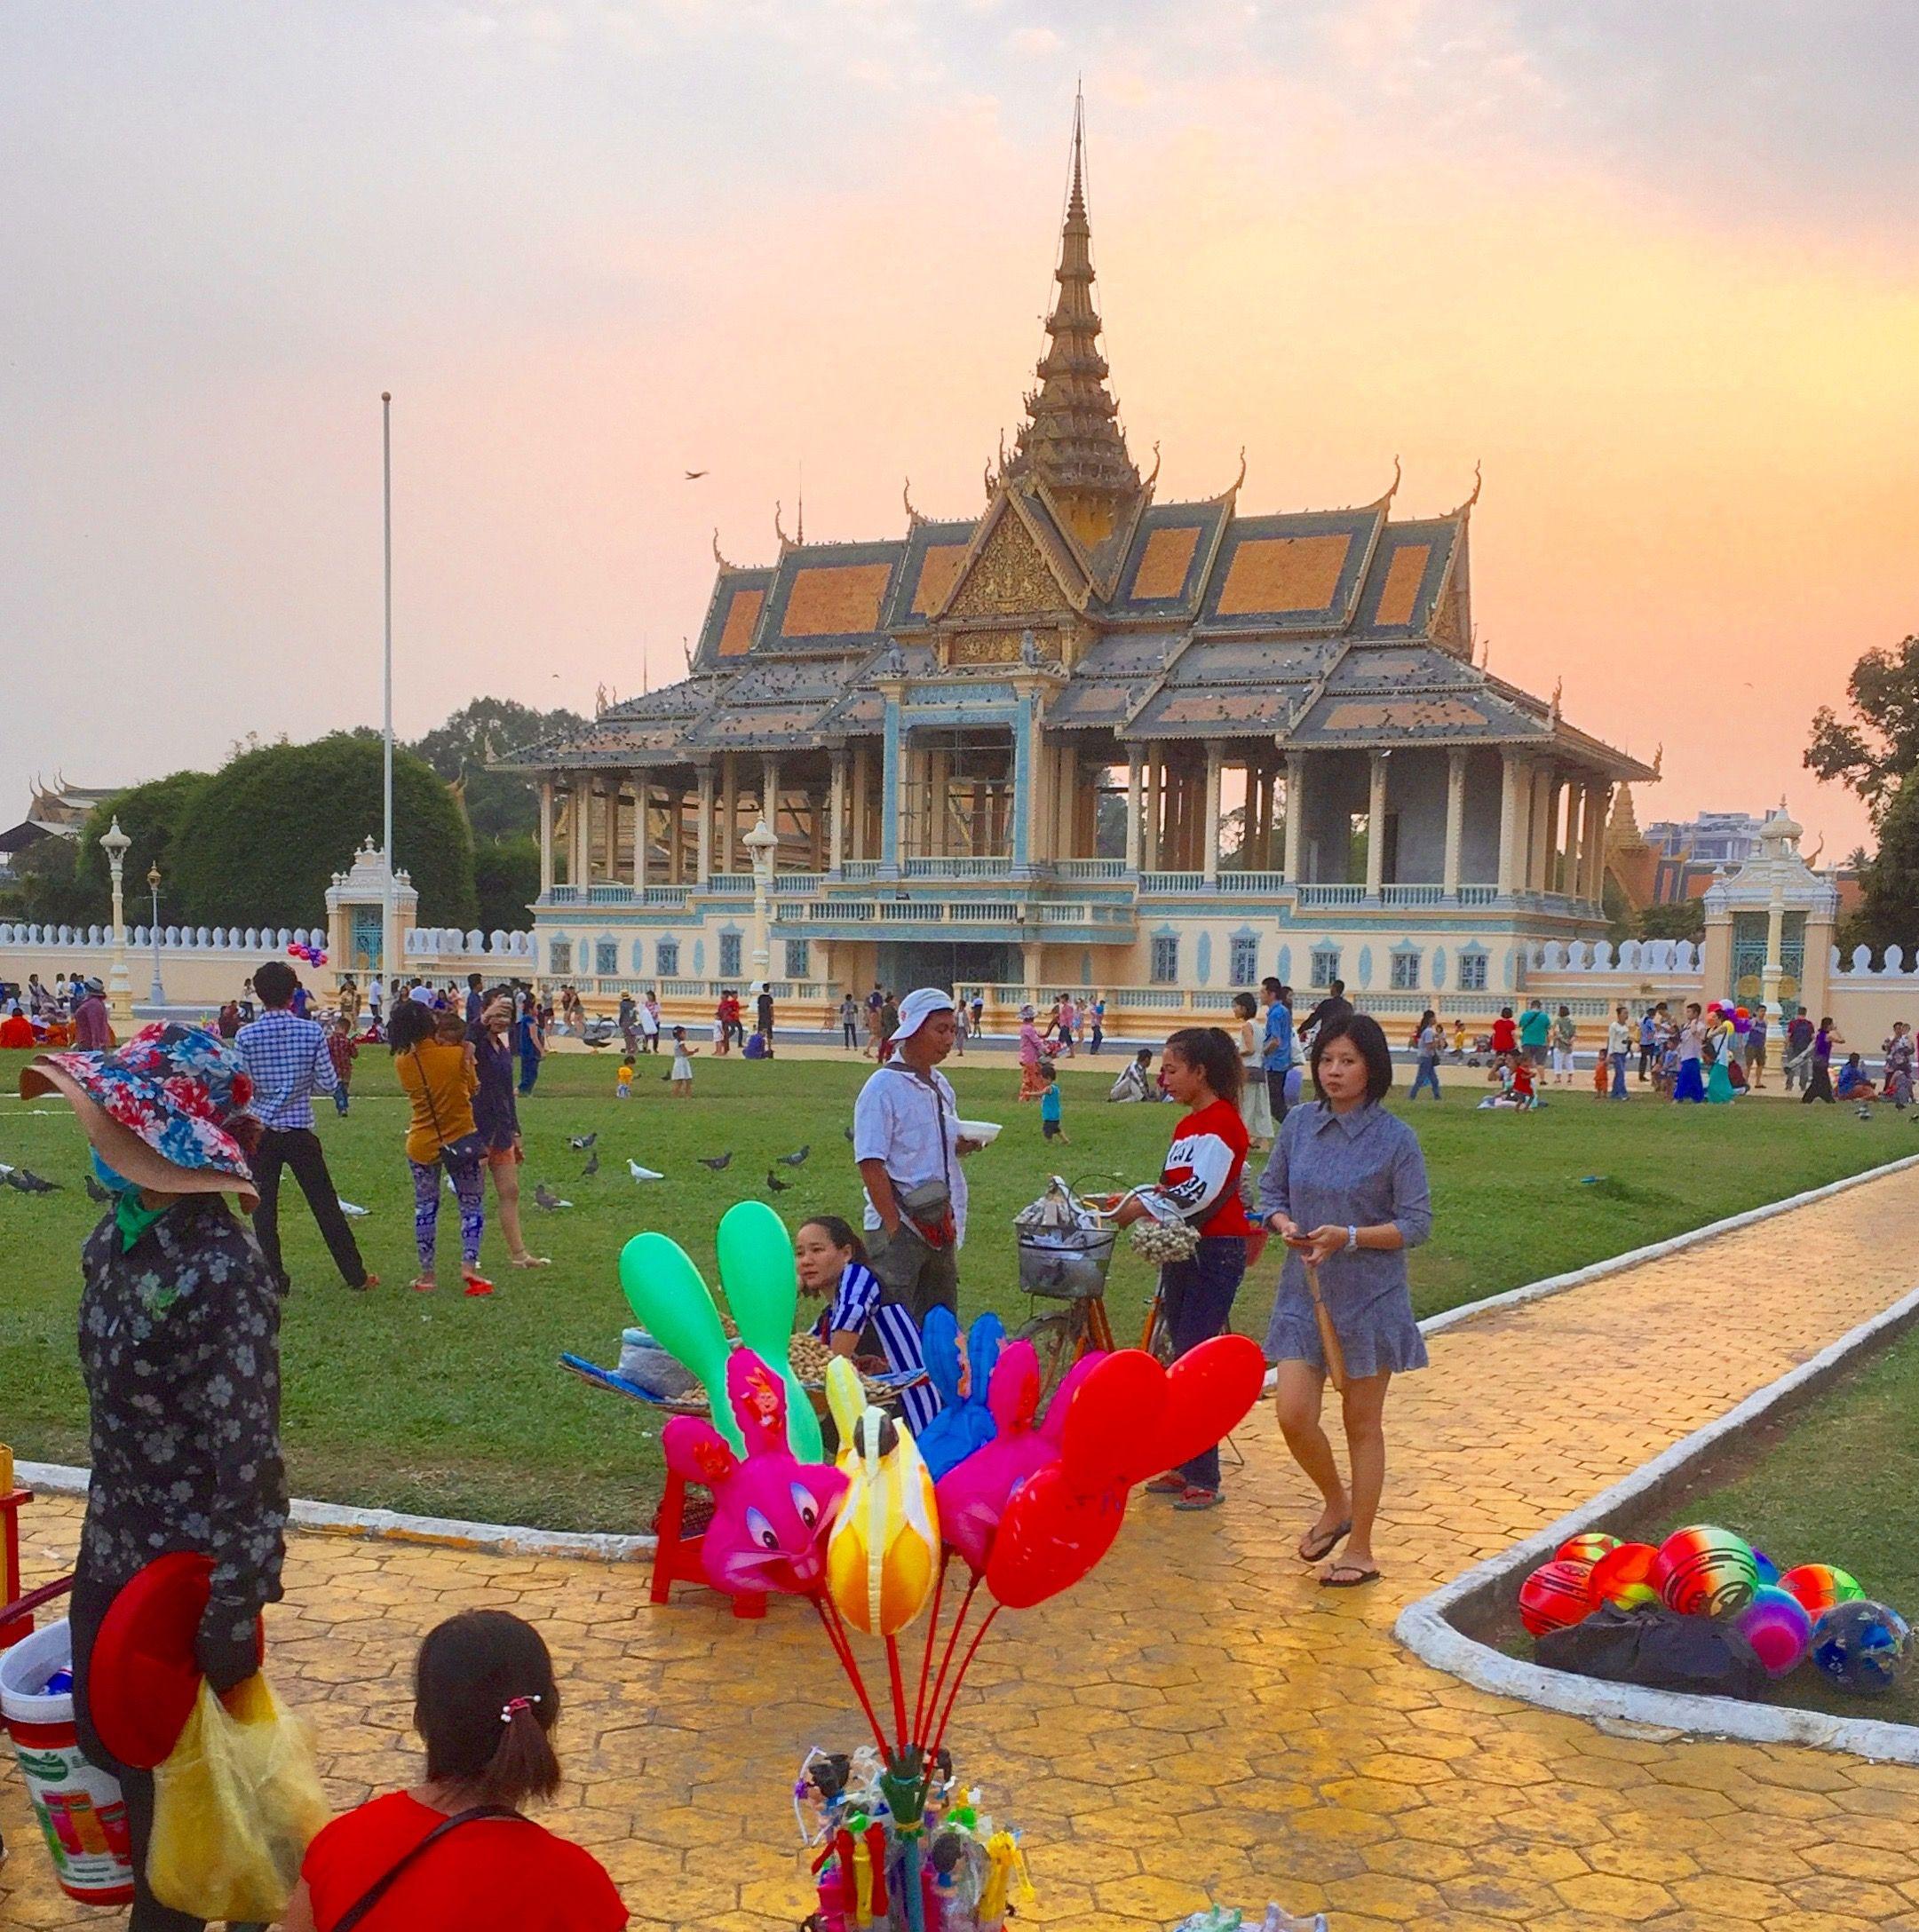 Cambodia: 10 Hidden Treasures In Phnom Penh, Cambodia